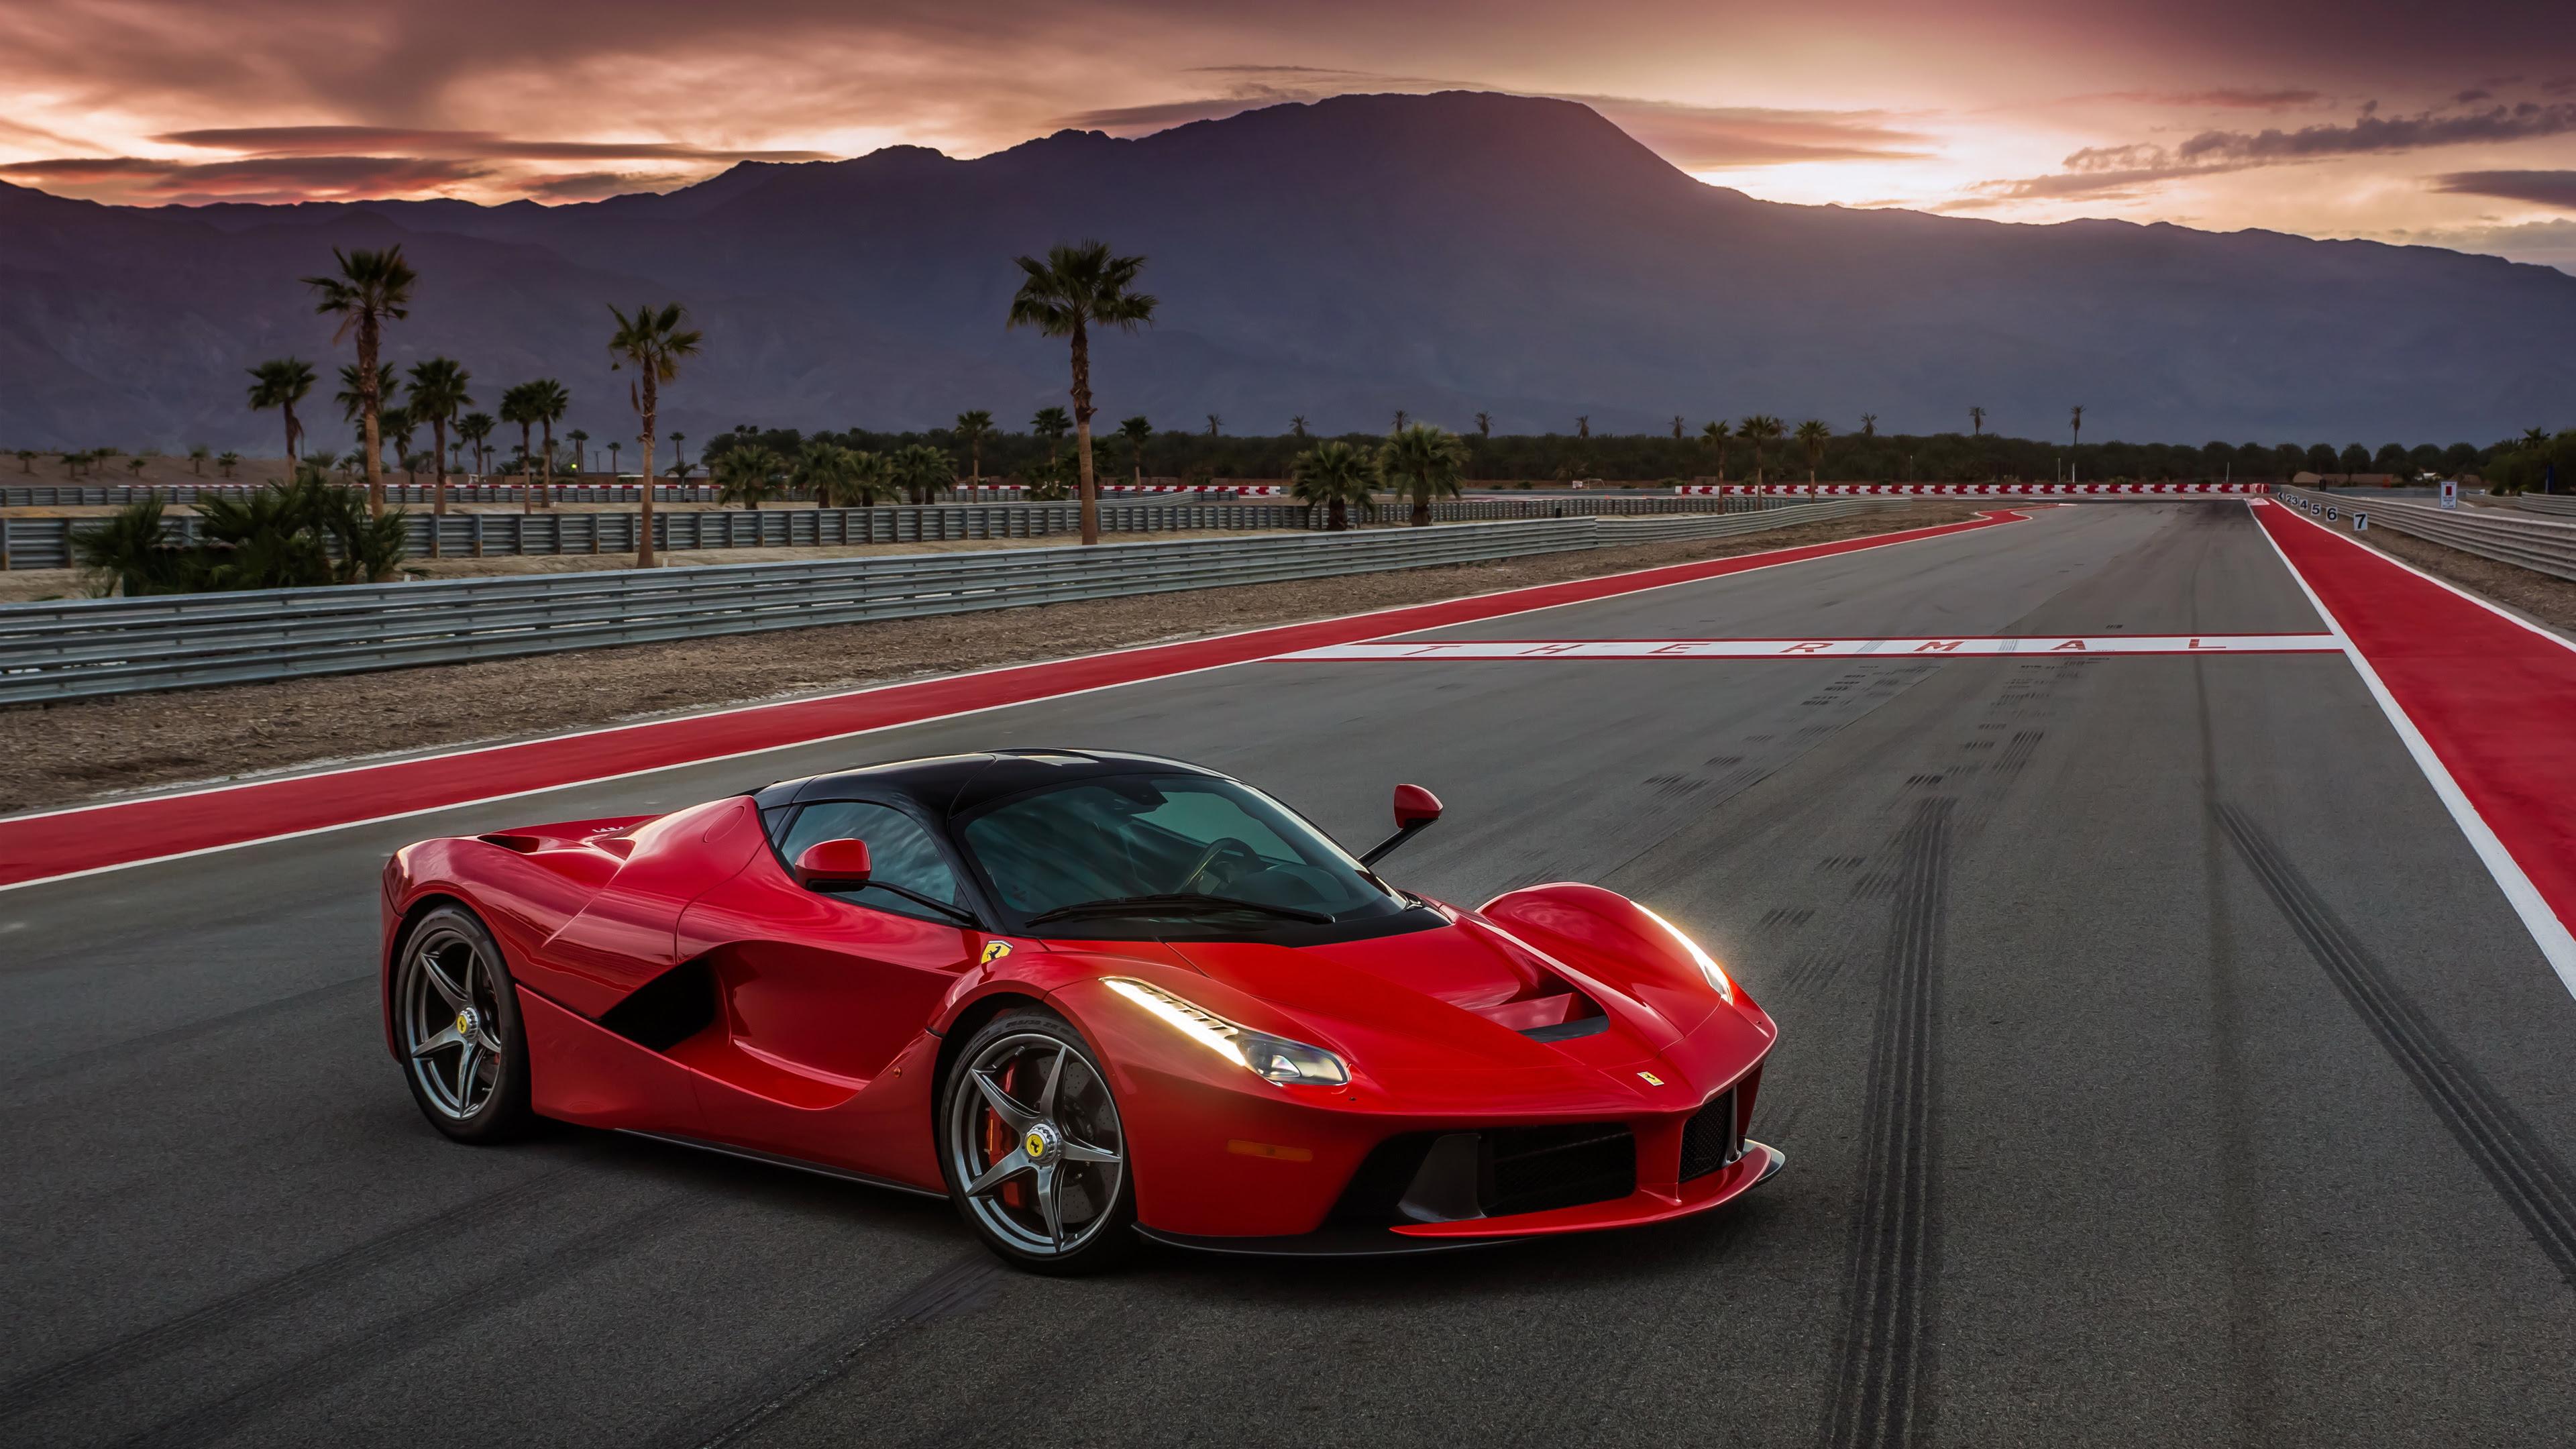 Ferrari LaFerrari 4K Wallpaper  HD Car Wallpapers  ID 6928